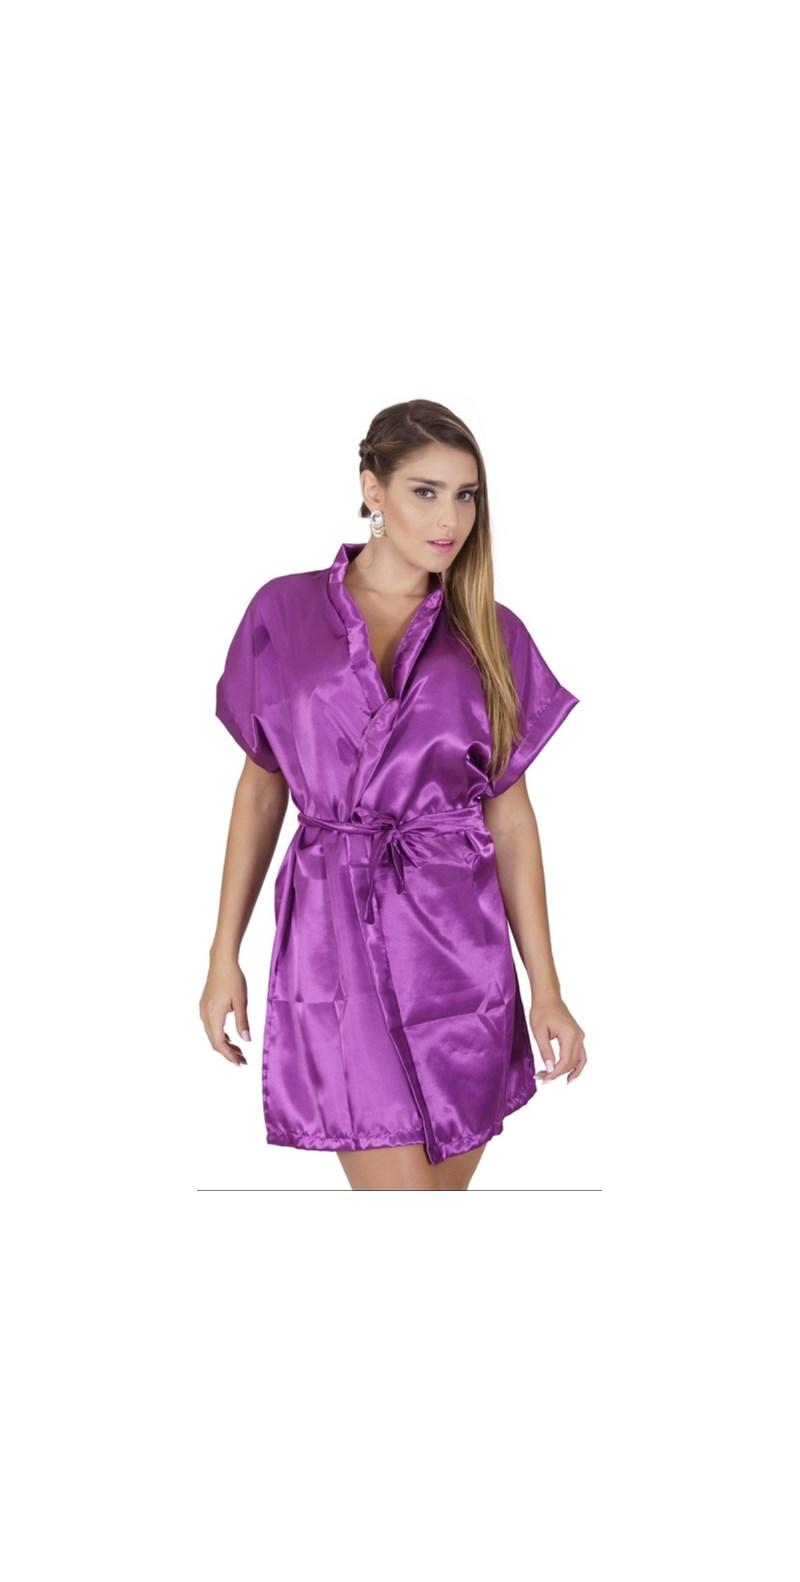 Robe manga curta em cetim liso com amarradura O67 GROSELHA